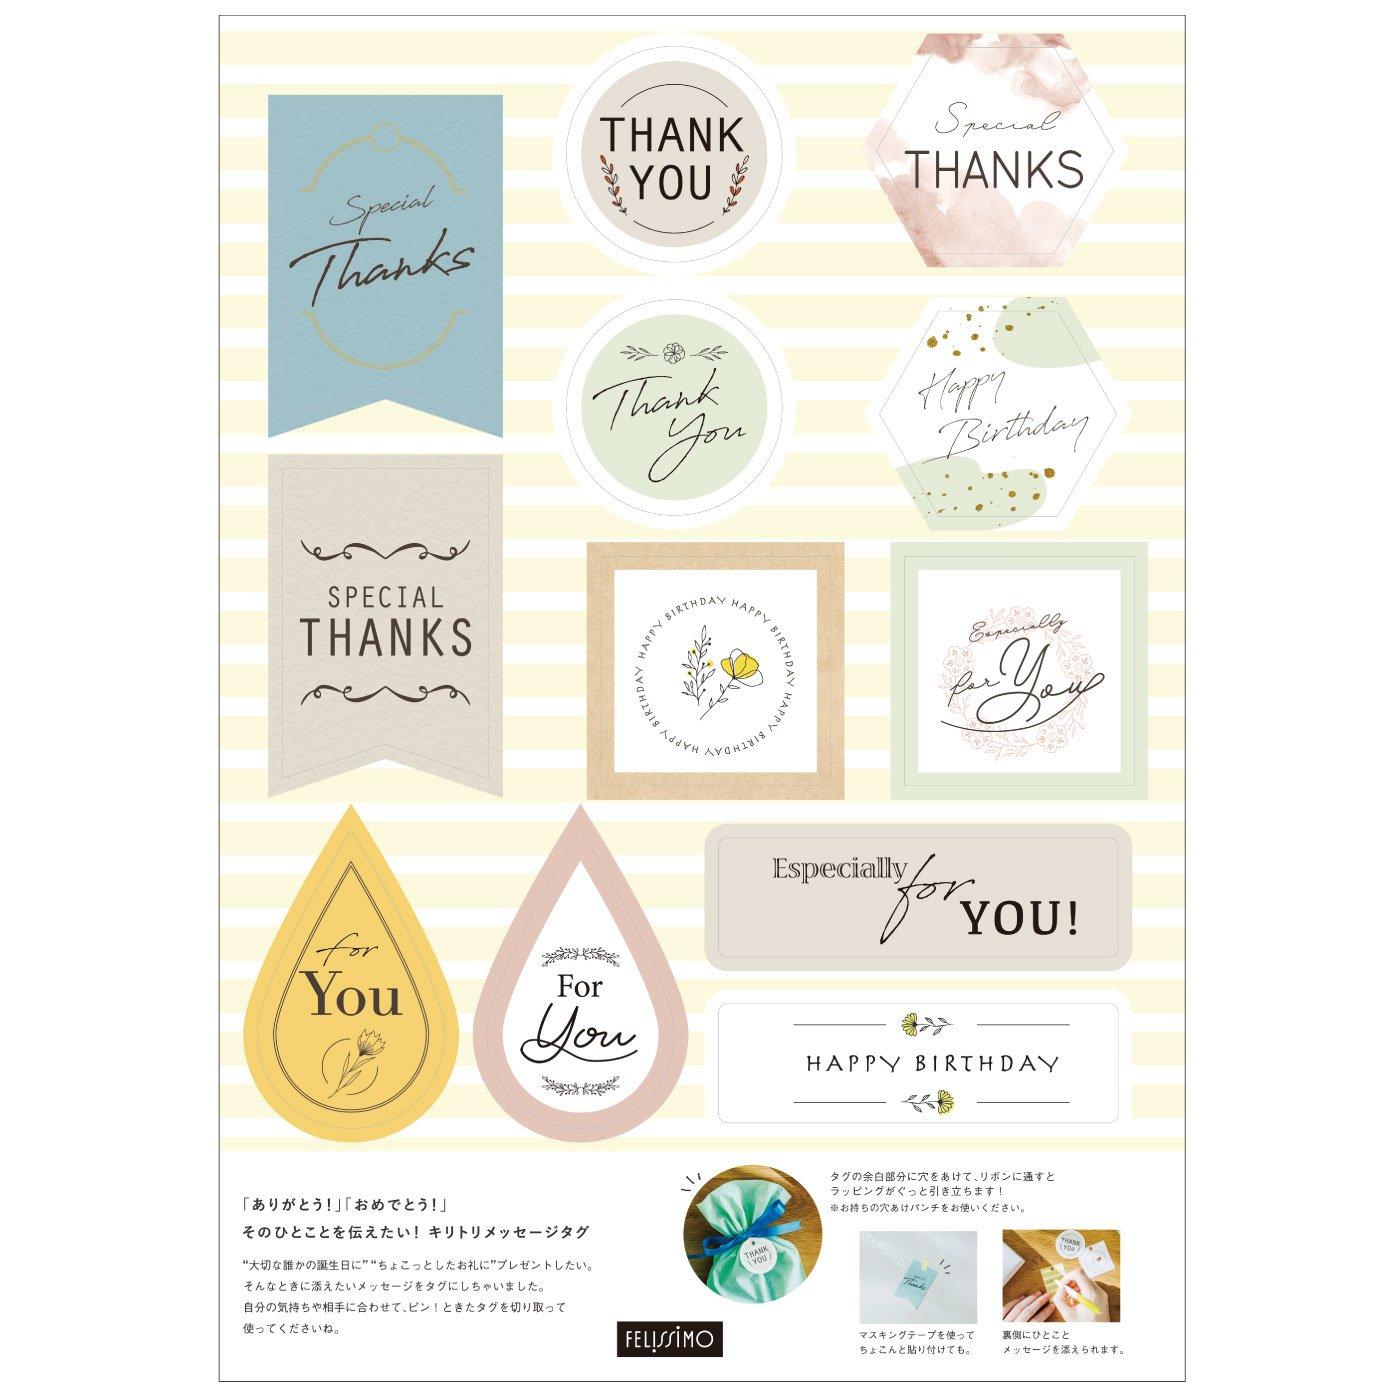 【全員プレゼント】「ありがとう!」「おめでとう!」そのひとことを伝えたい! キリトリメッセージタグ